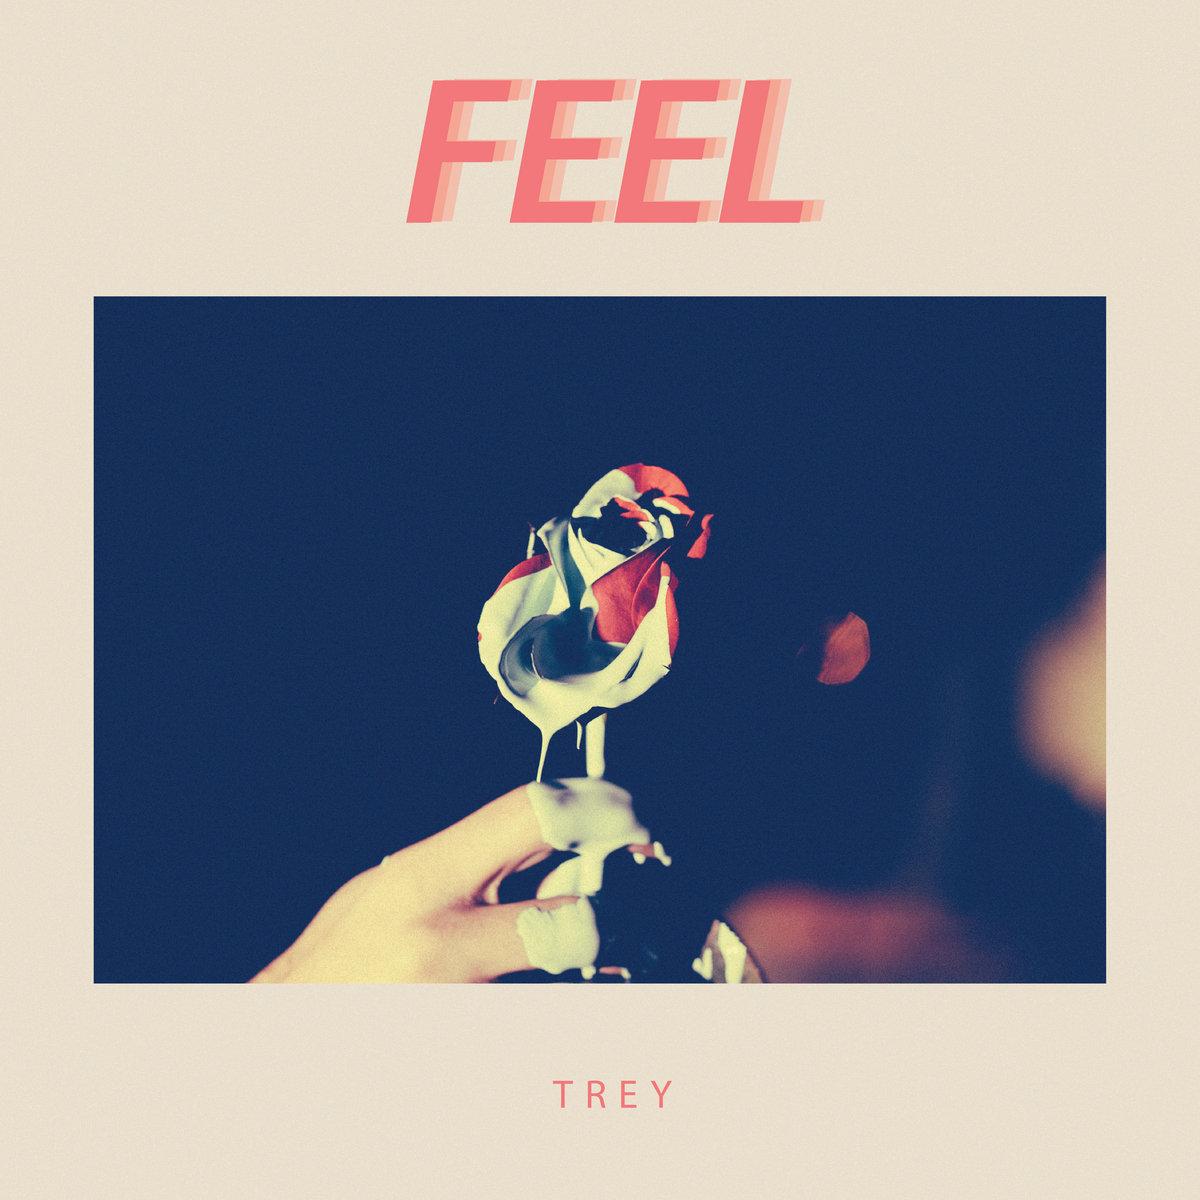 Feel by TREY